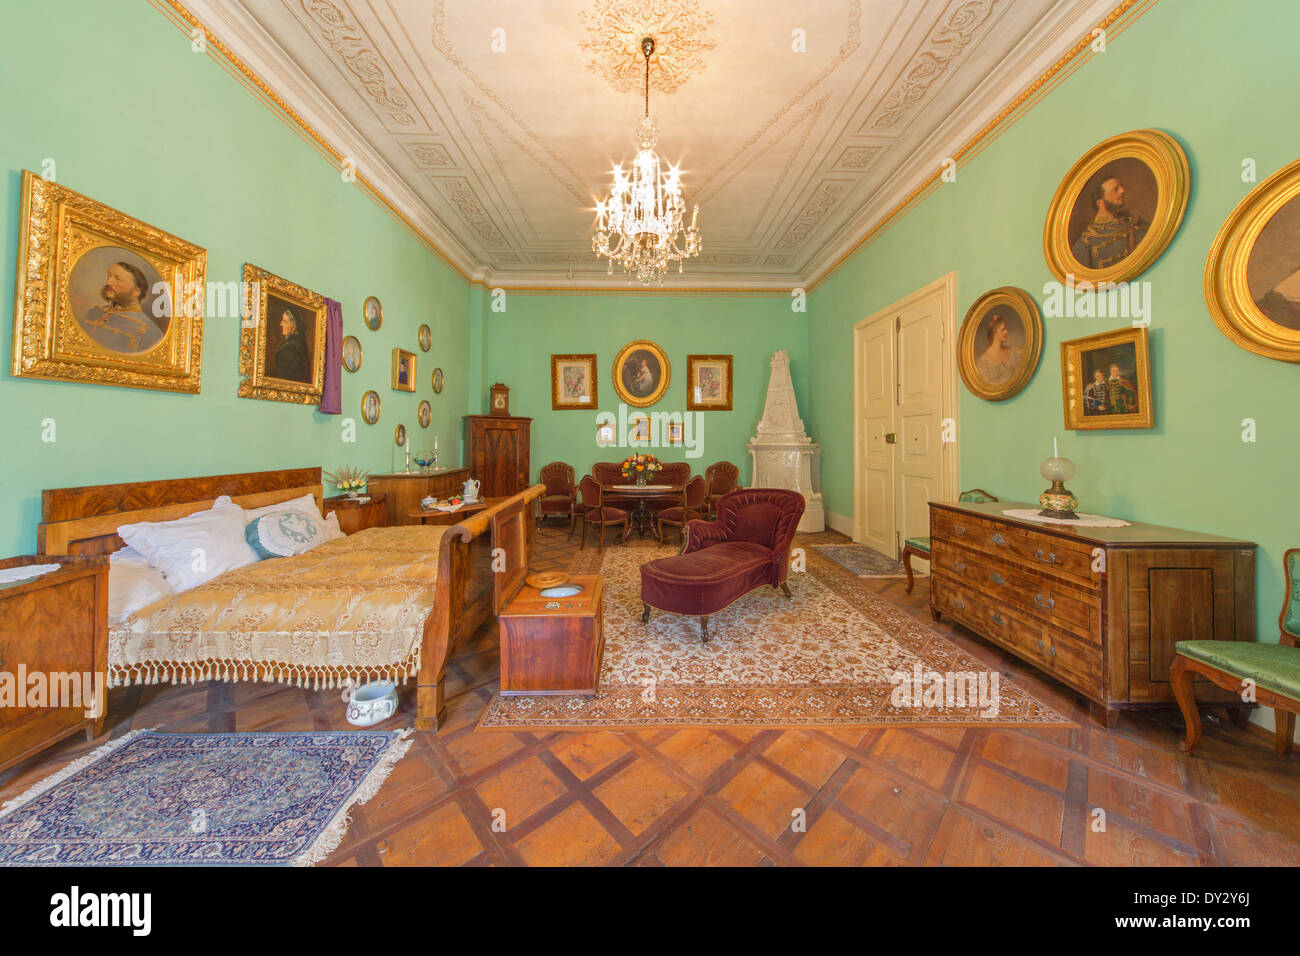 St. ANTON, Slowakei - 26. Februar 2014: Schlafzimmer der Eltern. Möbel aus 19. zent im Palace St. Anton. Stockbild